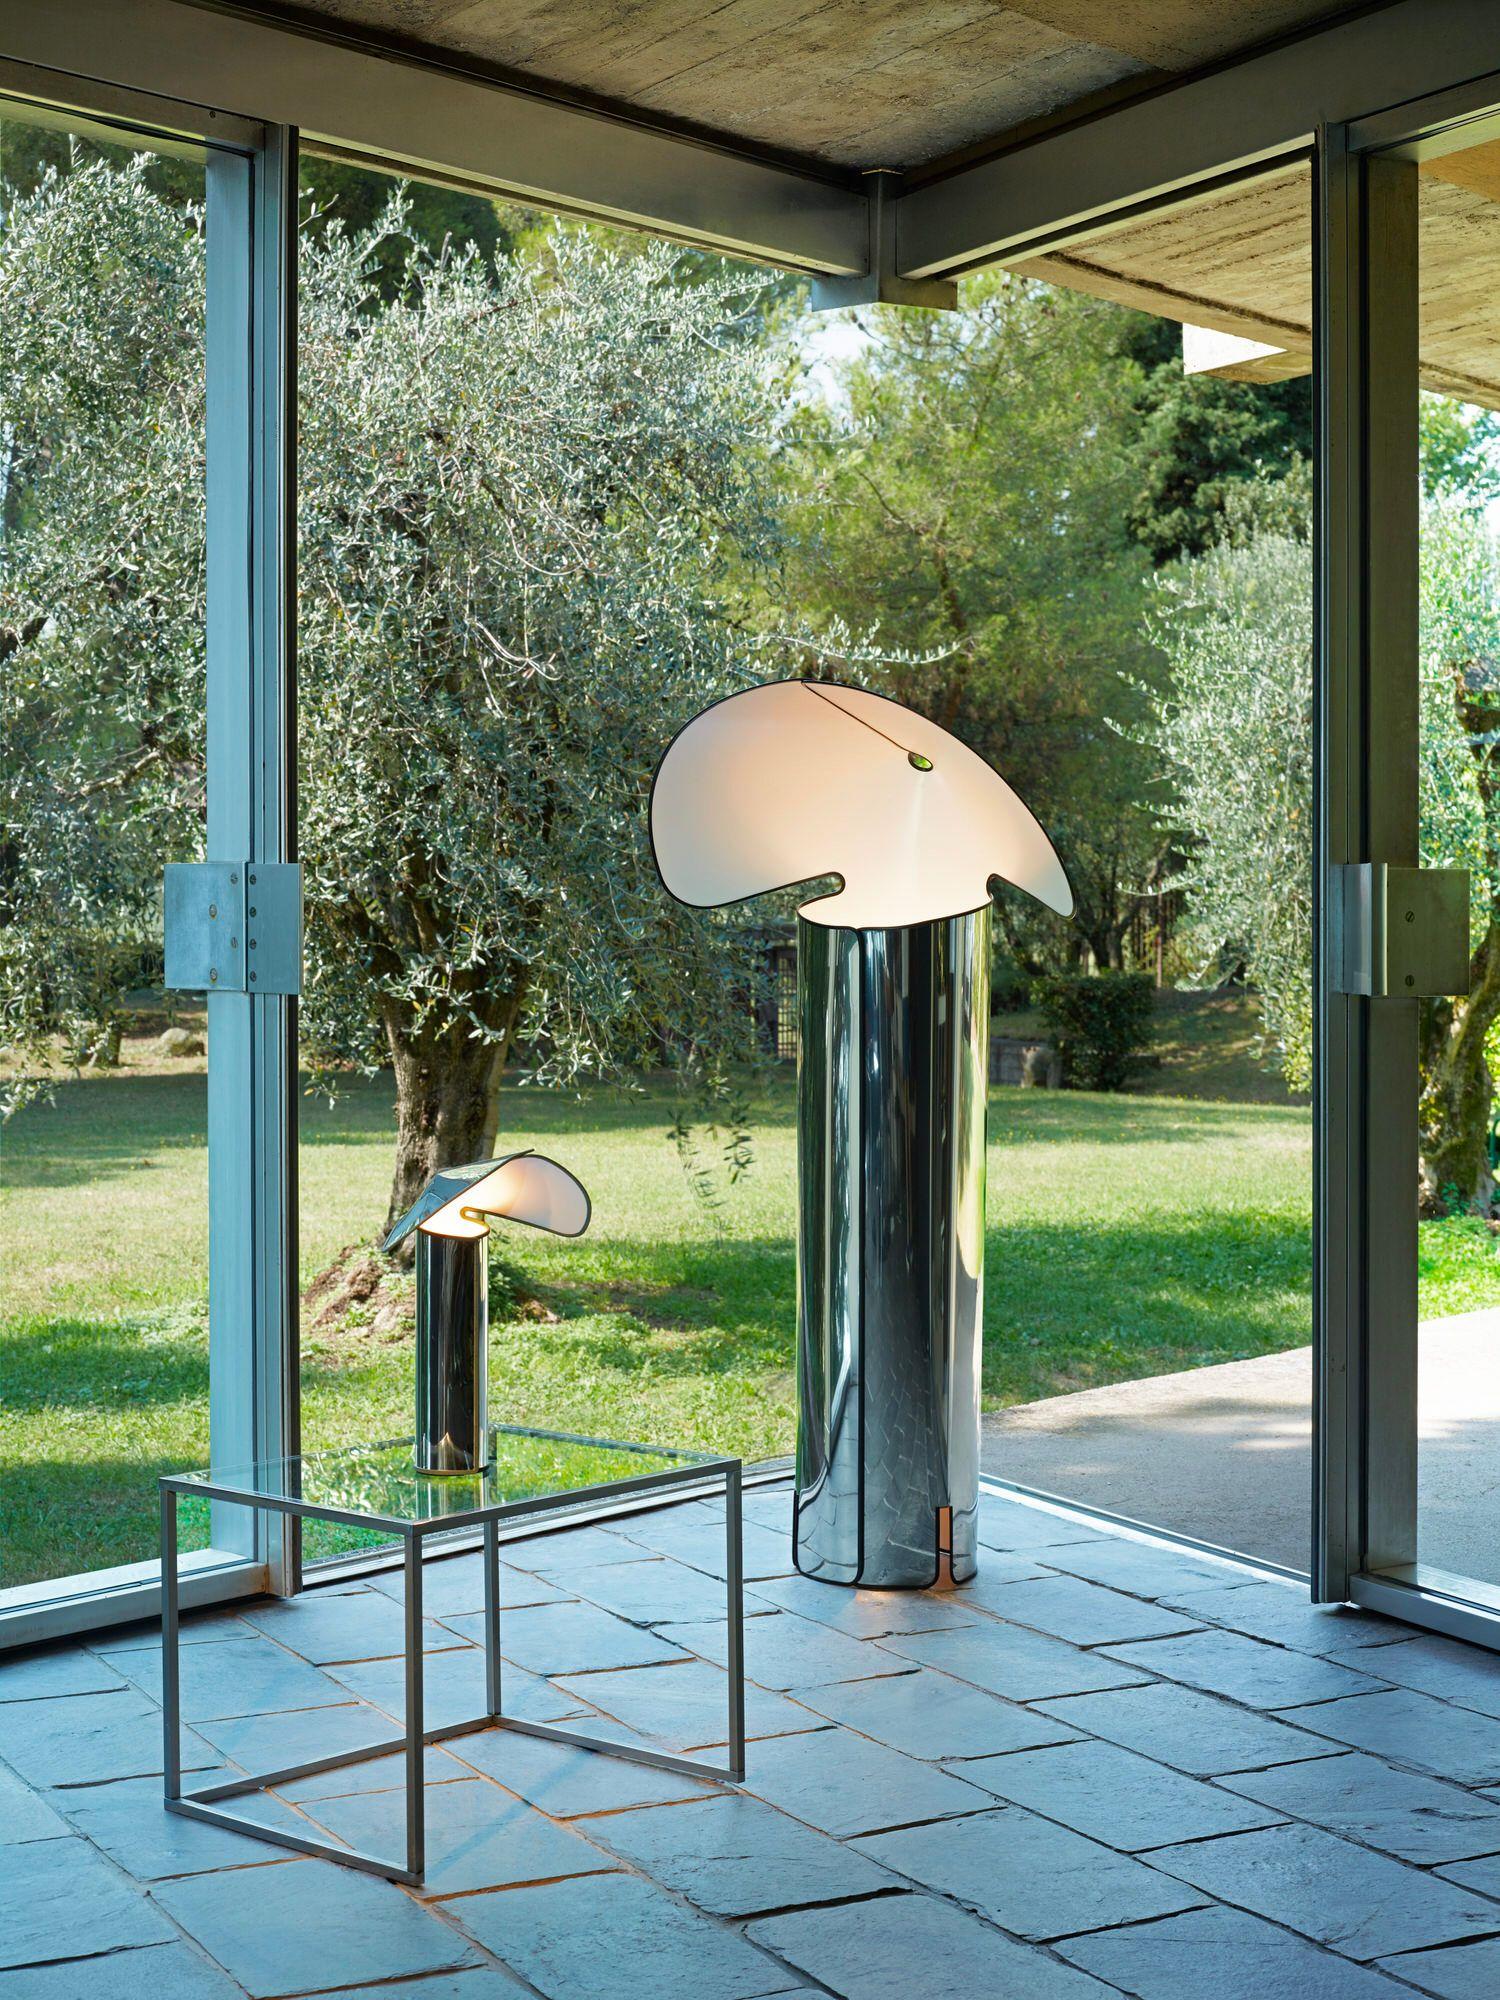 Una ristampa della lampada Sierra di Floss contiene una versione piccola lampada da tavolo: Immagine: courtesy Floss